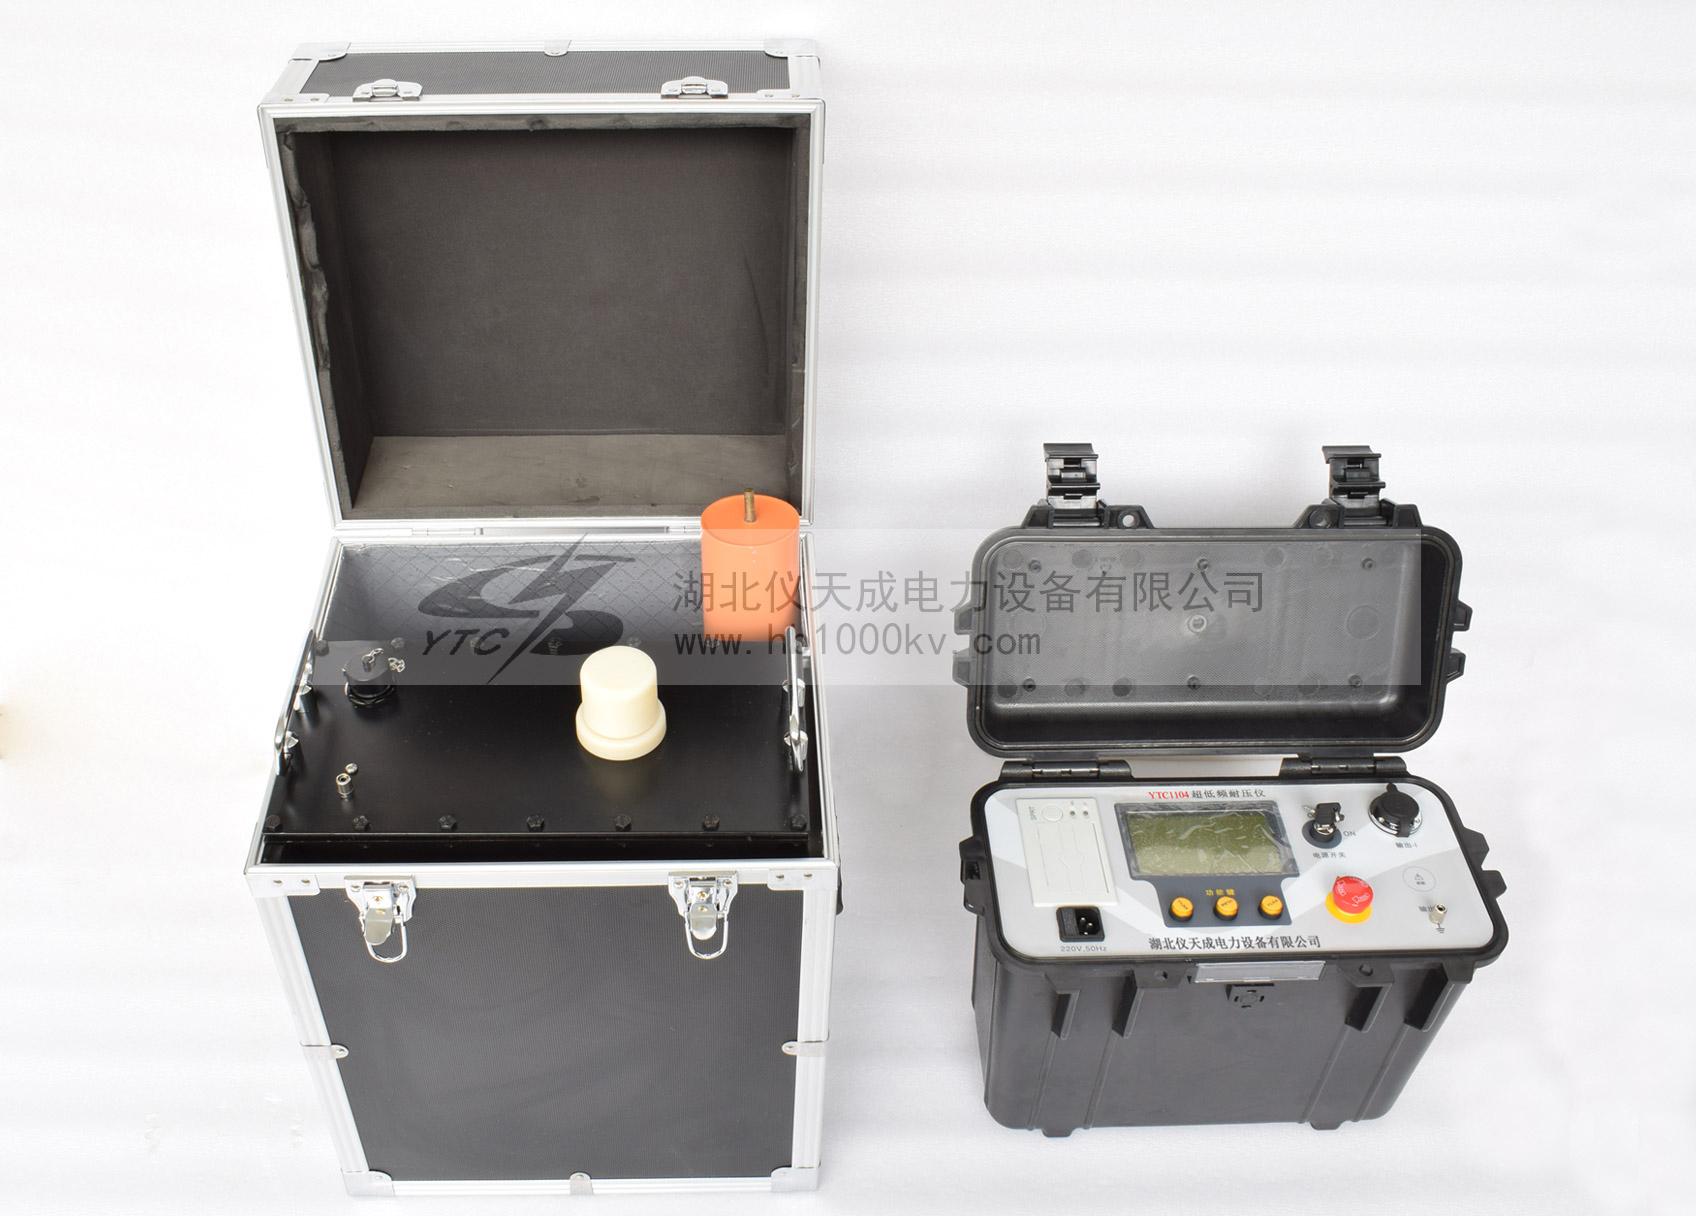 YTC1104chao低频高yafa生器主机